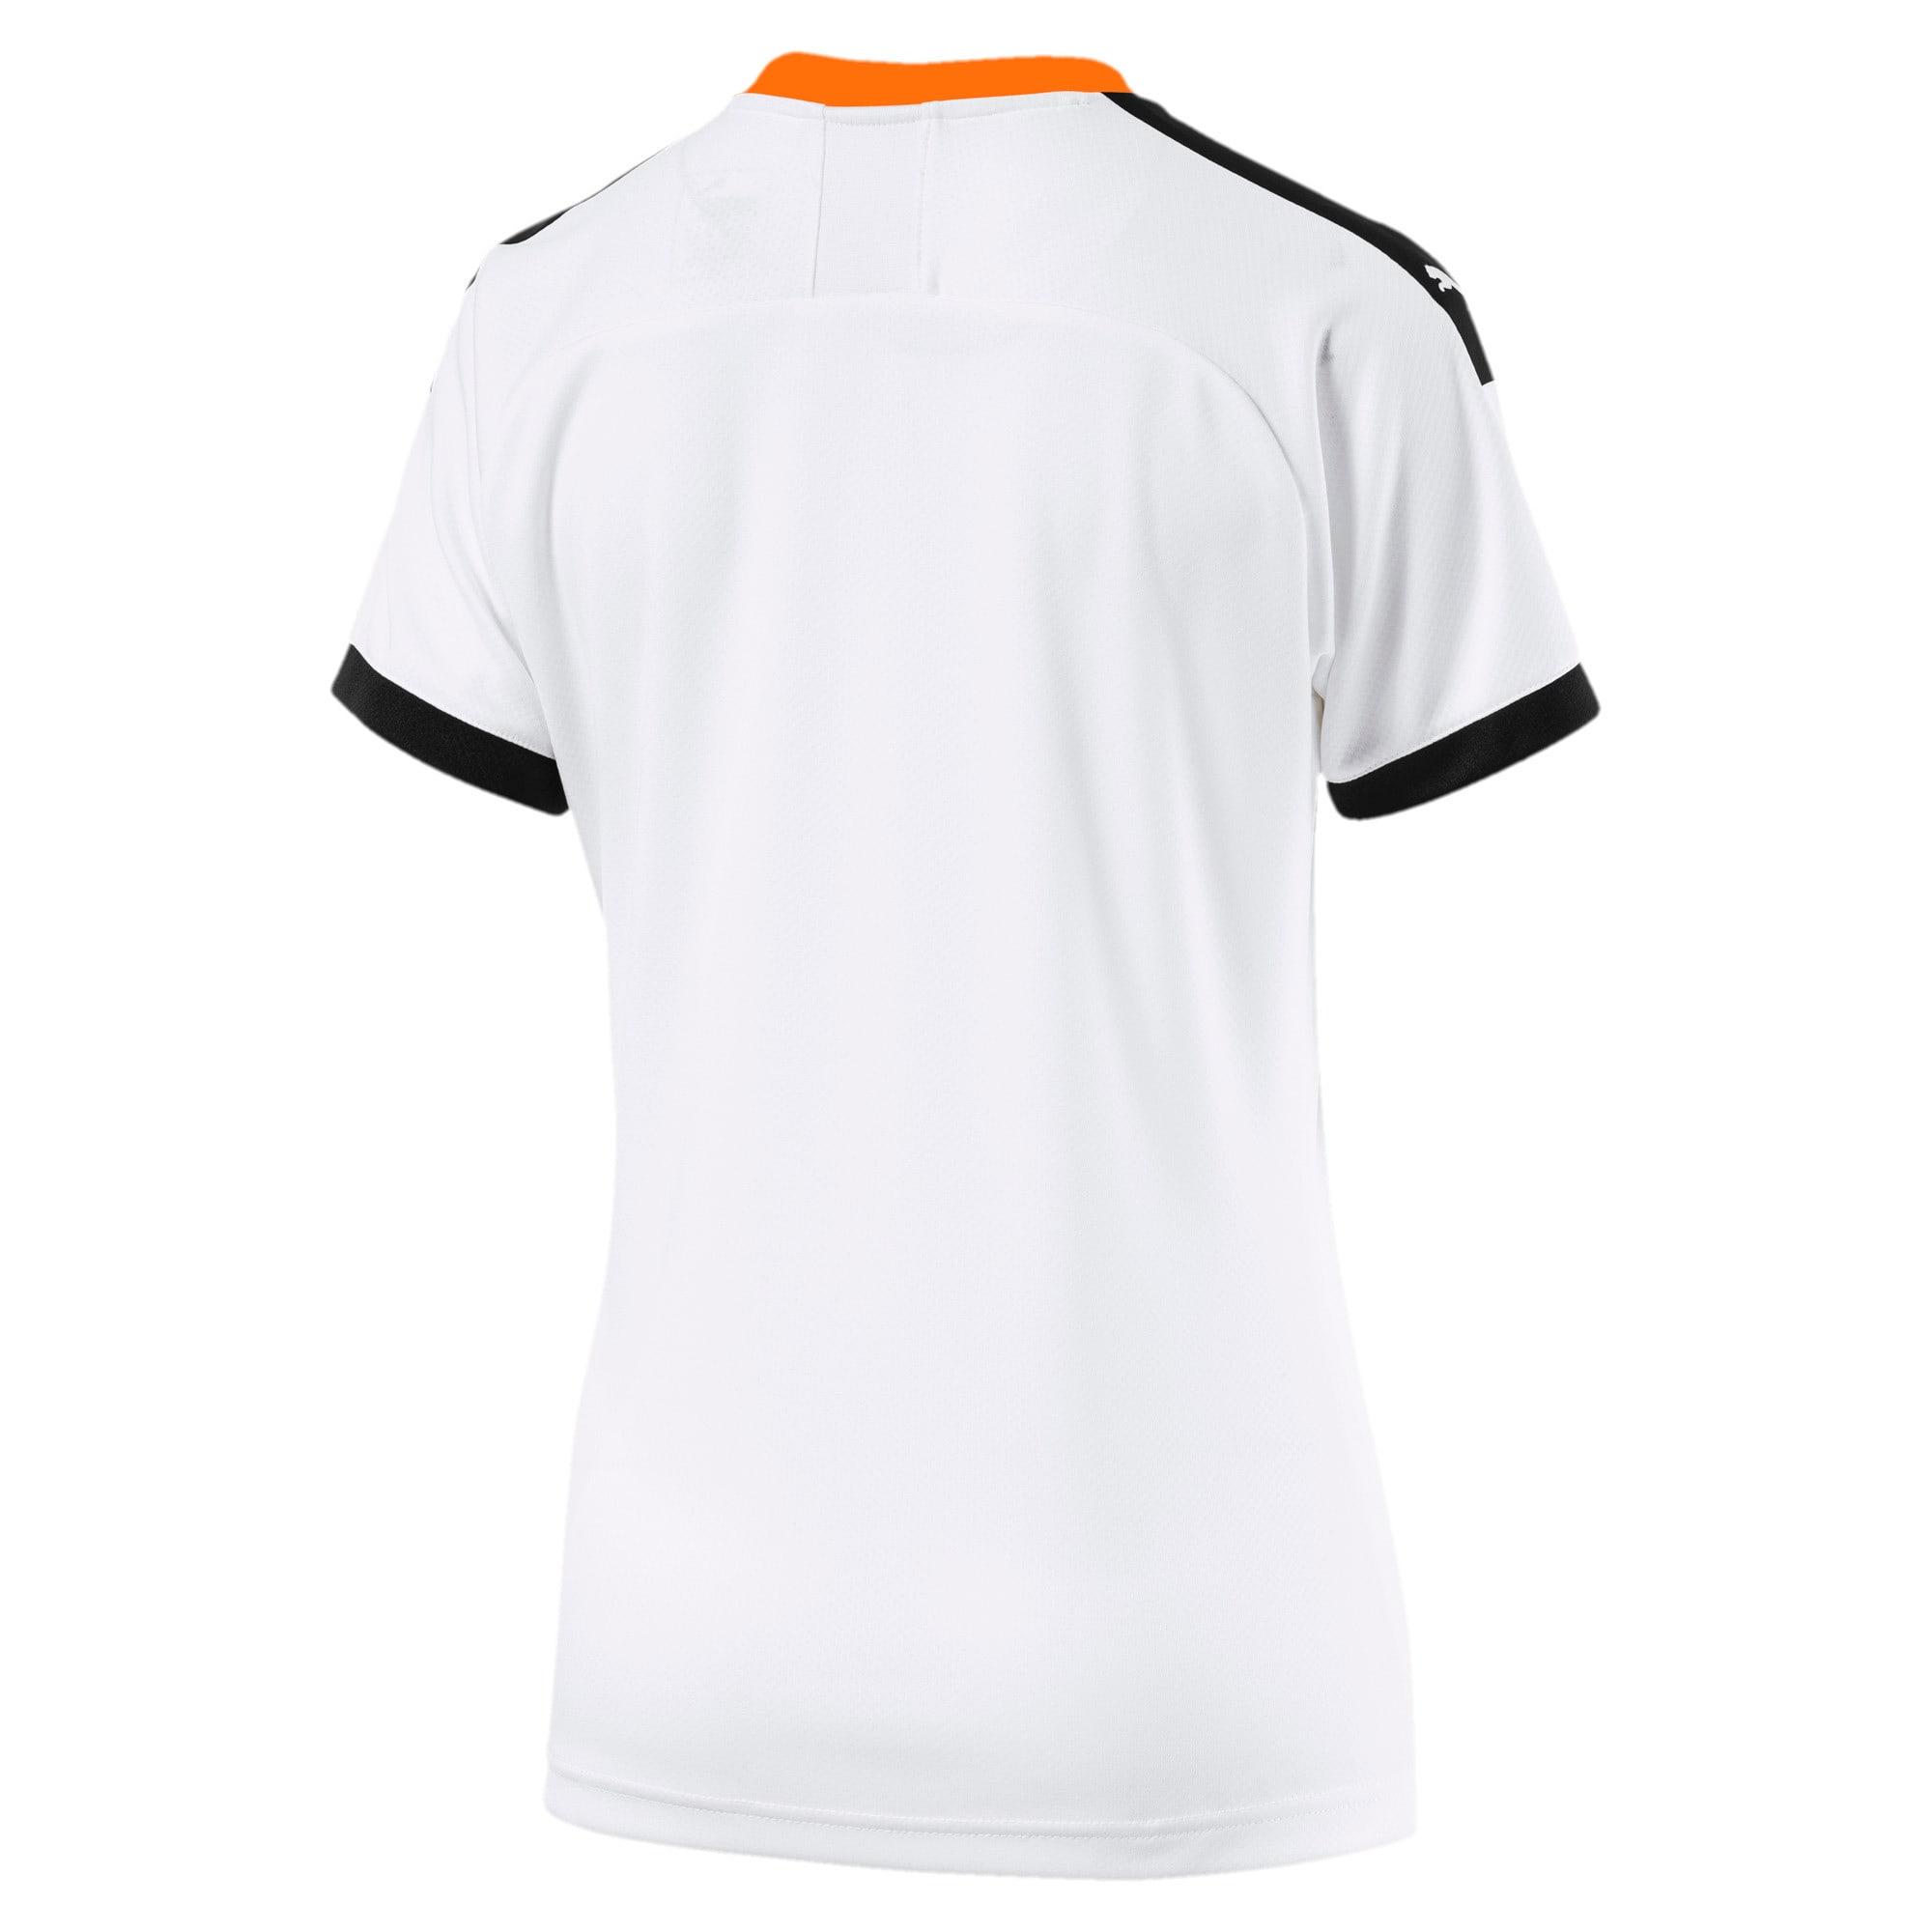 Imagen en miniatura 2 de Camiseta de la primera equipación de réplica de mujer Valencia CF, White- Black-Vibrant Orange, mediana